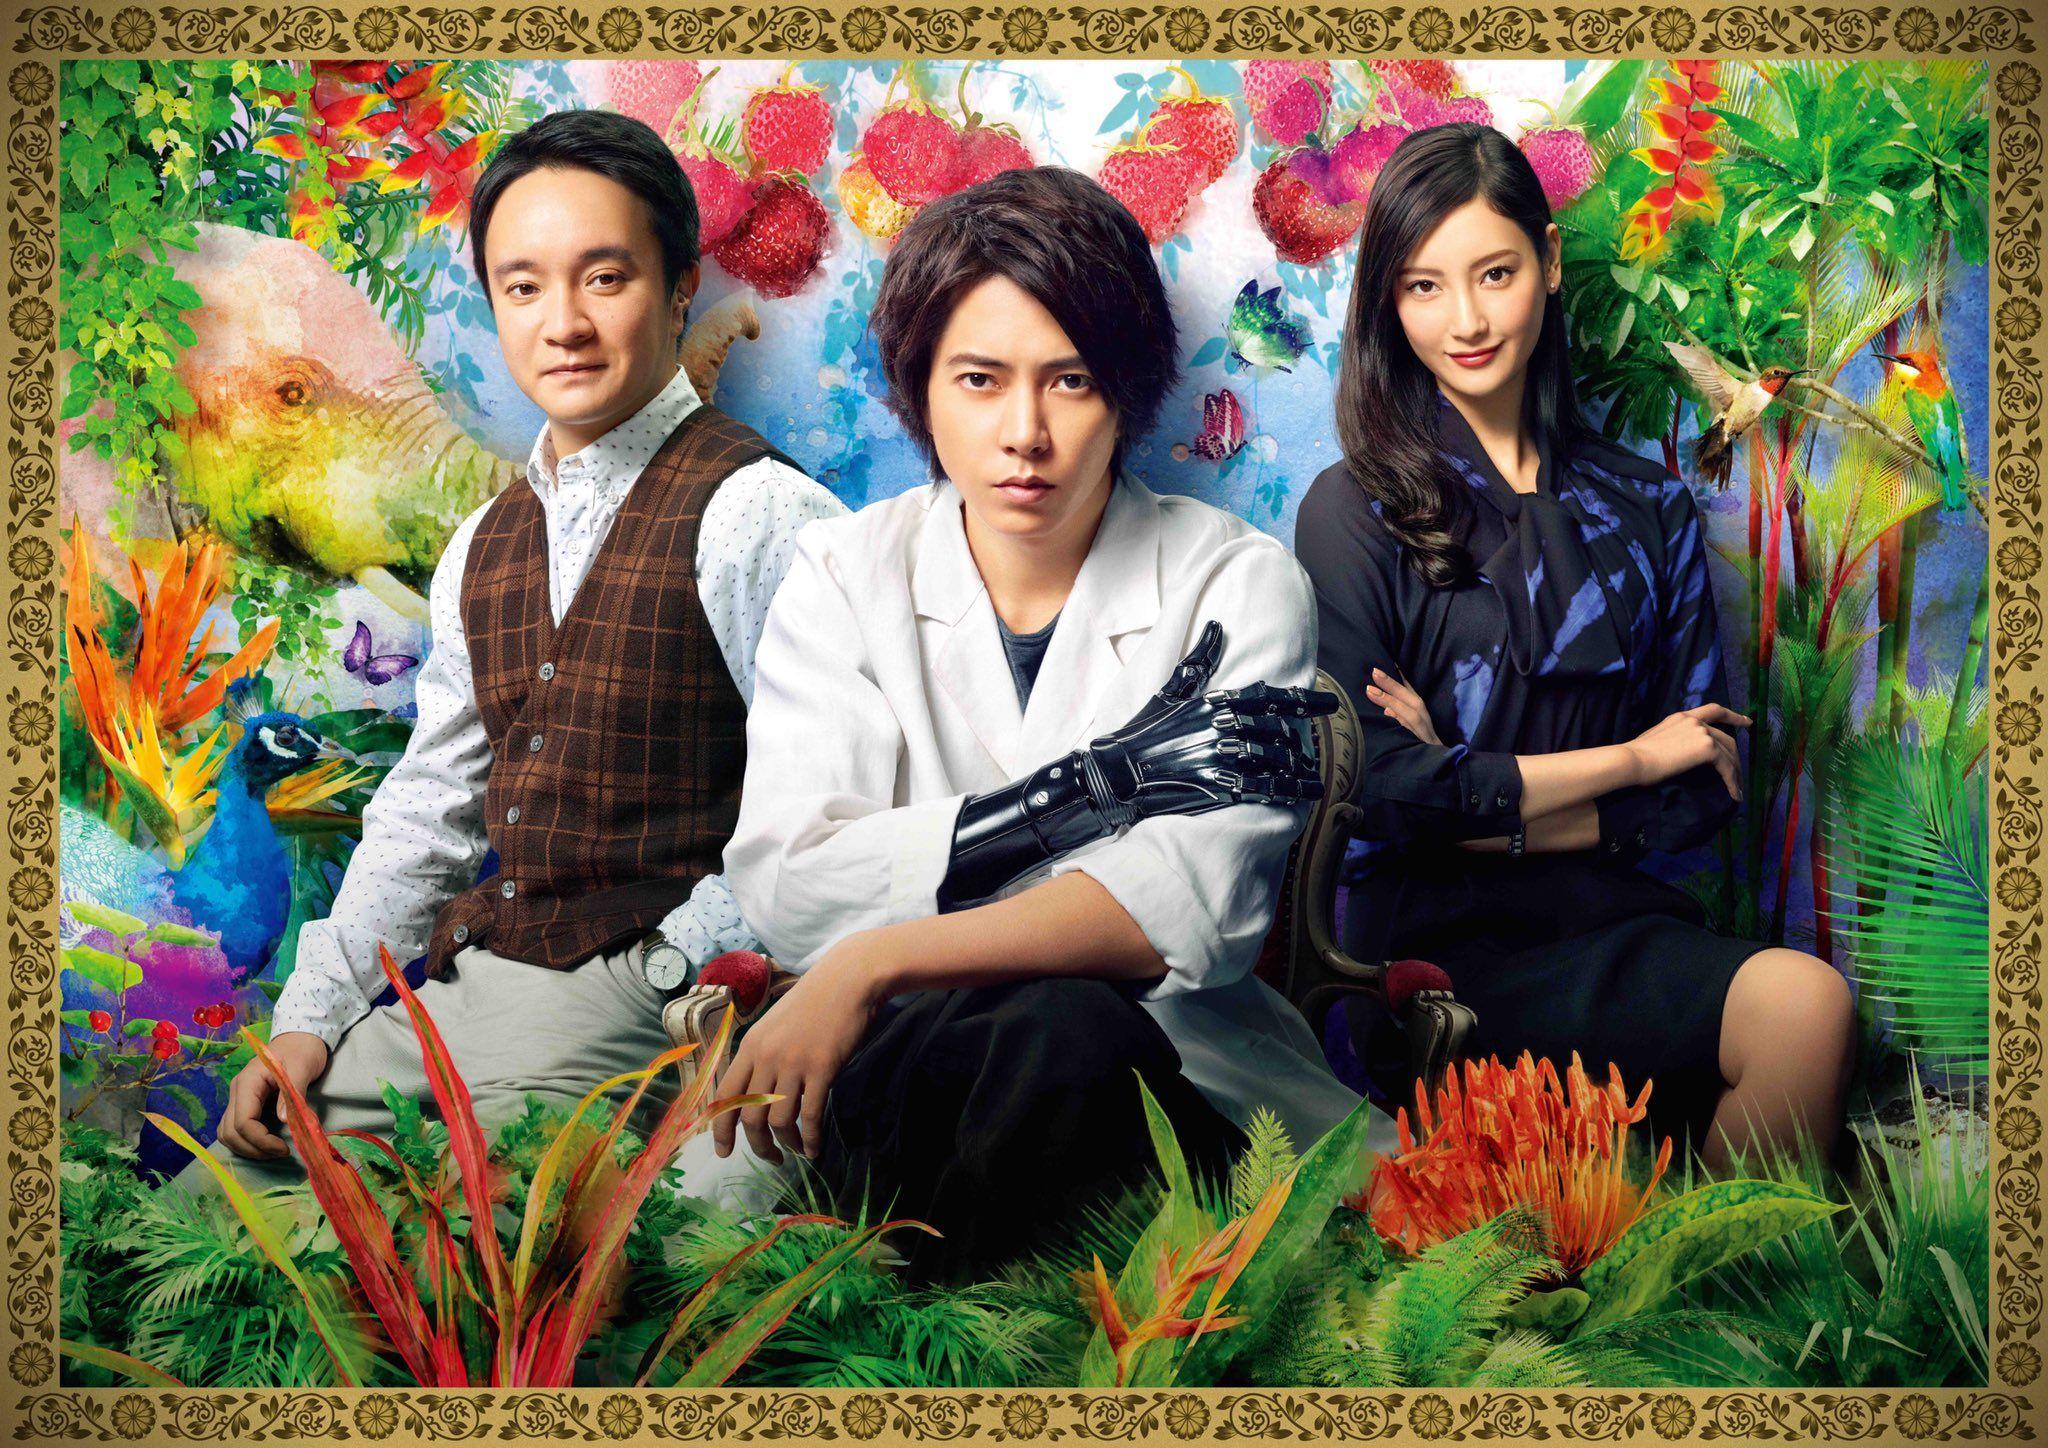 金曜ドラマ インハンド 6 21最終回 on twitter japanese drama drama movies japanese movies